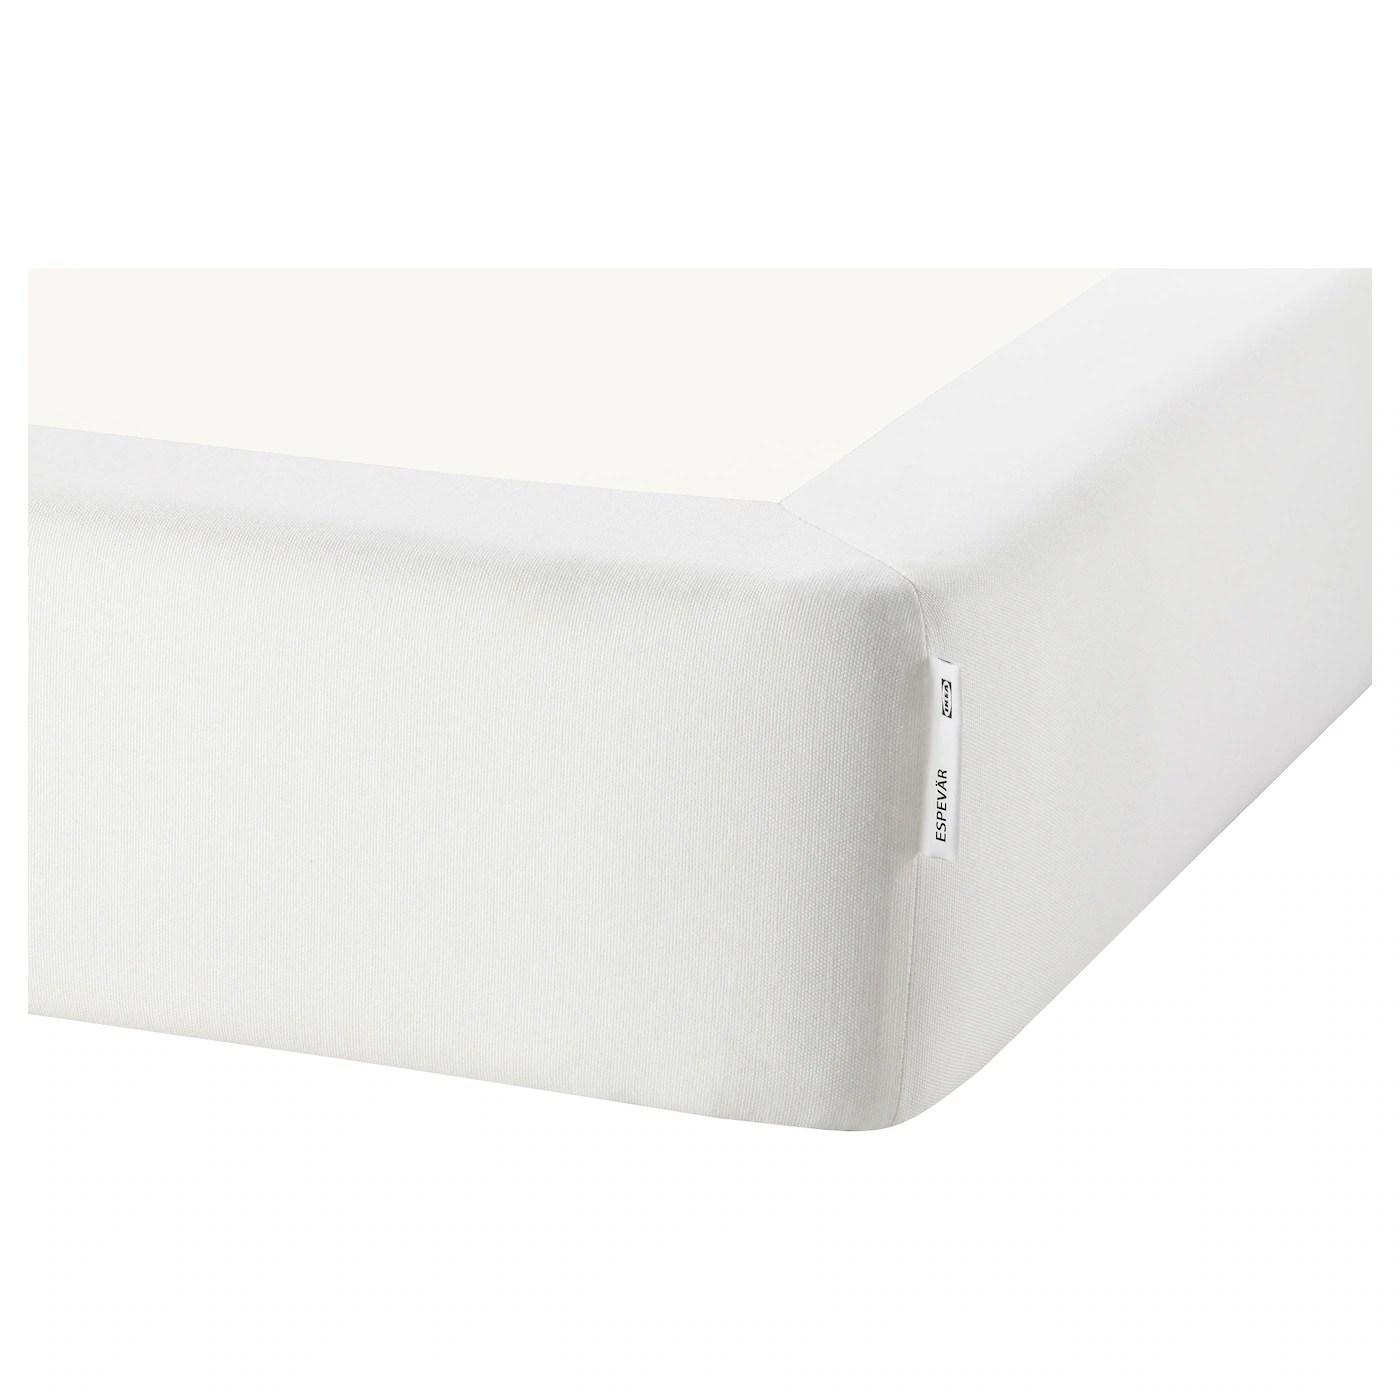 Espevar Housse Pour Sommier A Ressorts Blanc 140x200 Cm Ikea